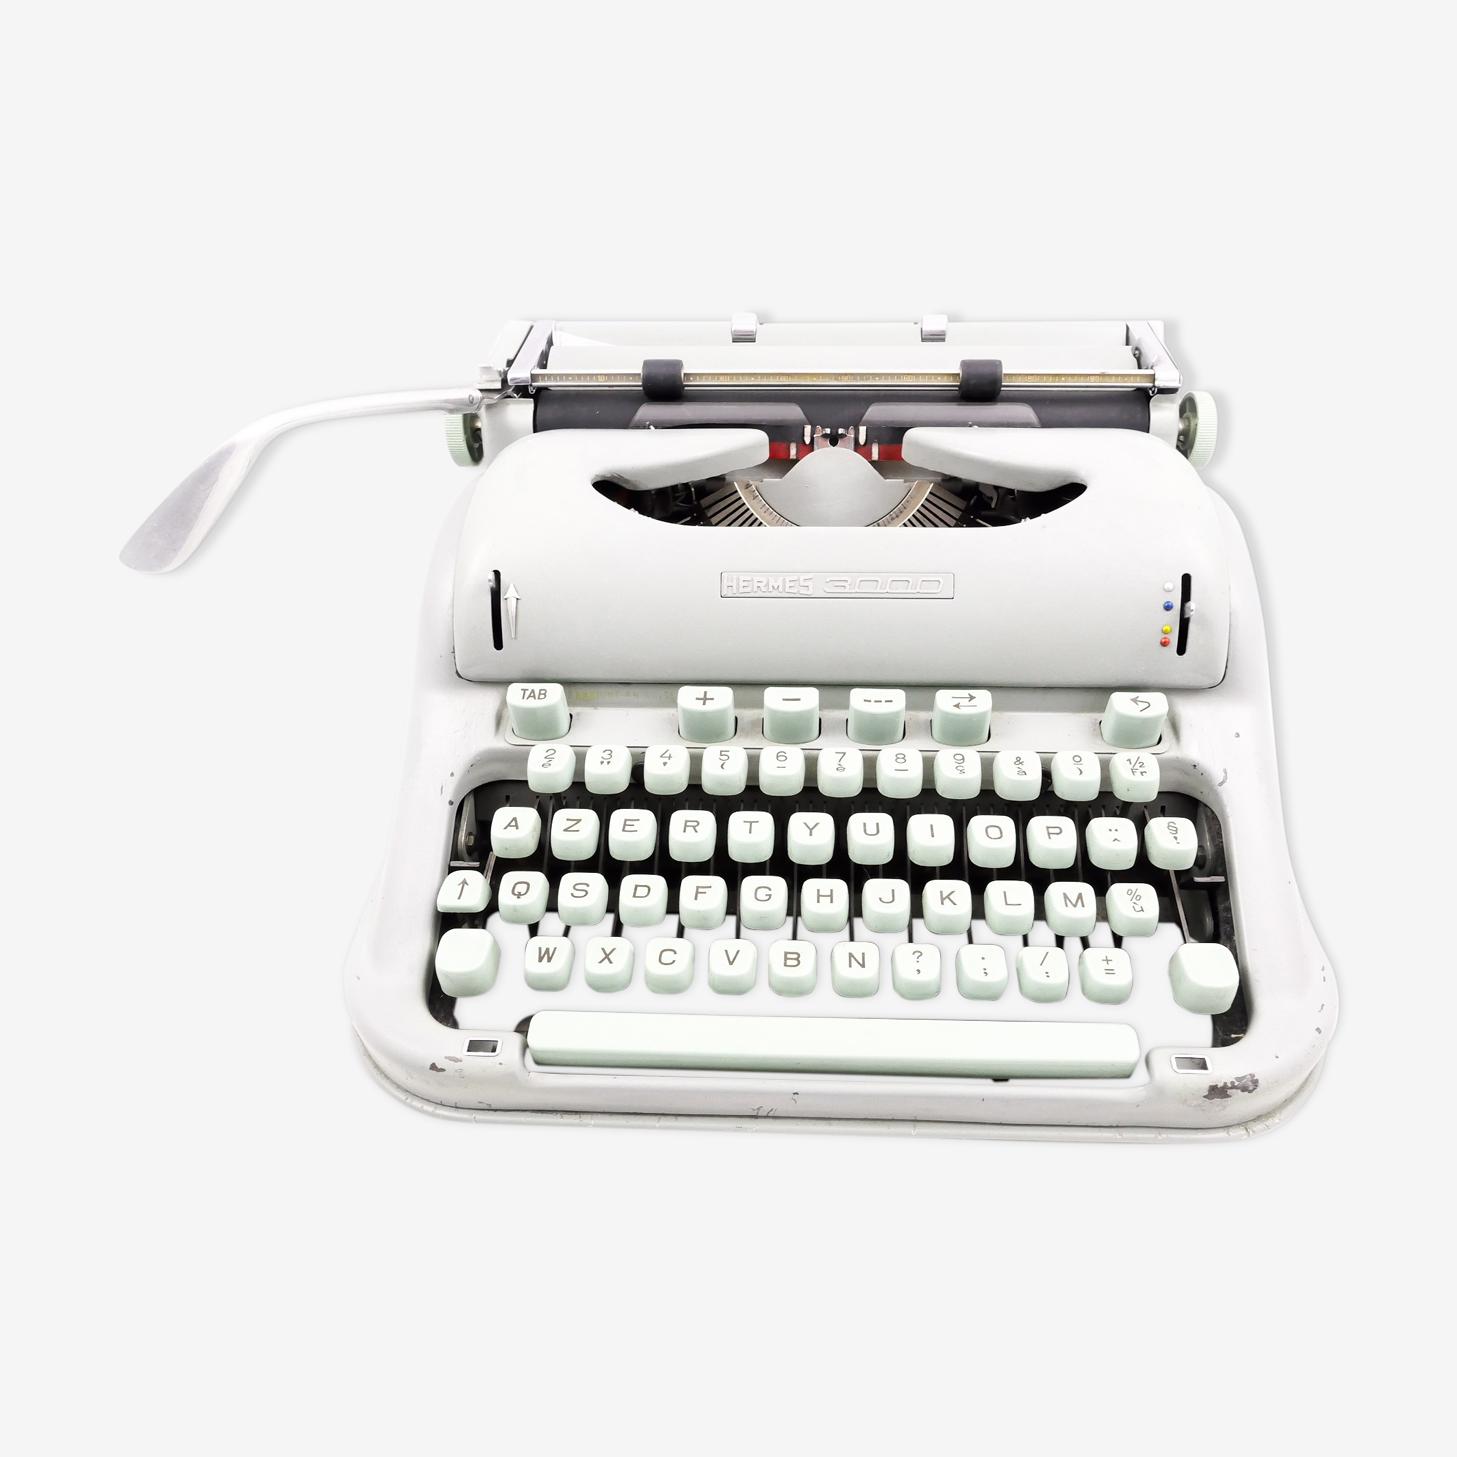 Machine à écrire Hermes 3000 verte vintage révisée avec ruban neuf